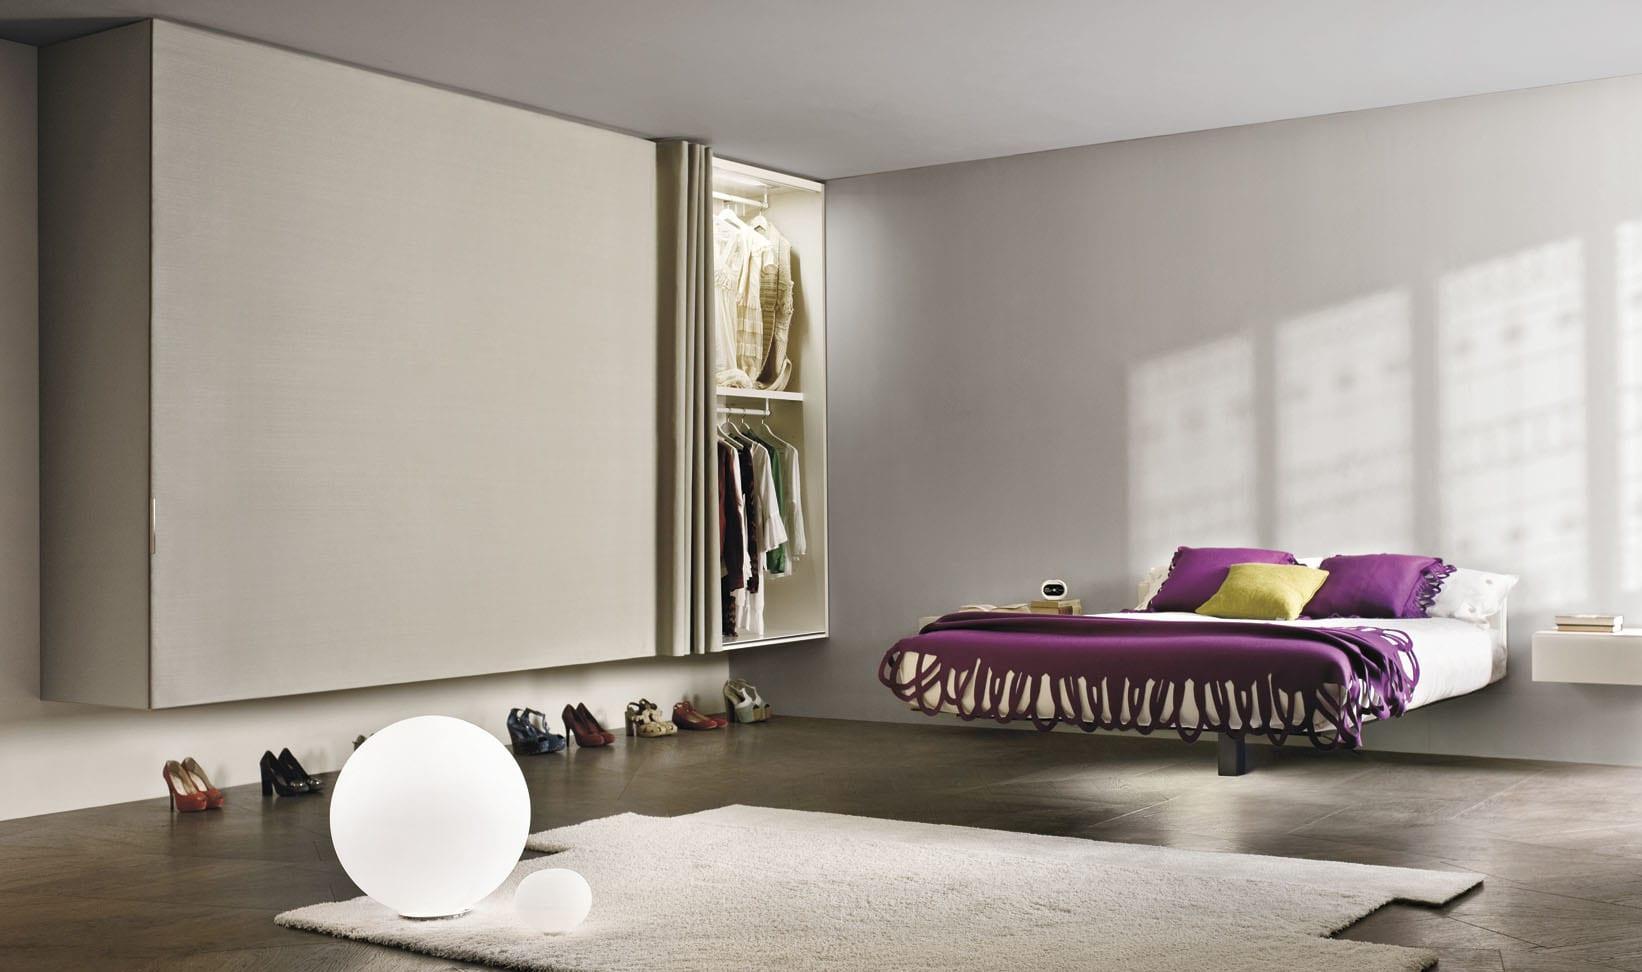 moderne mbel fr minimalistische schlafzimmer einrichtung in wei  fresHouse